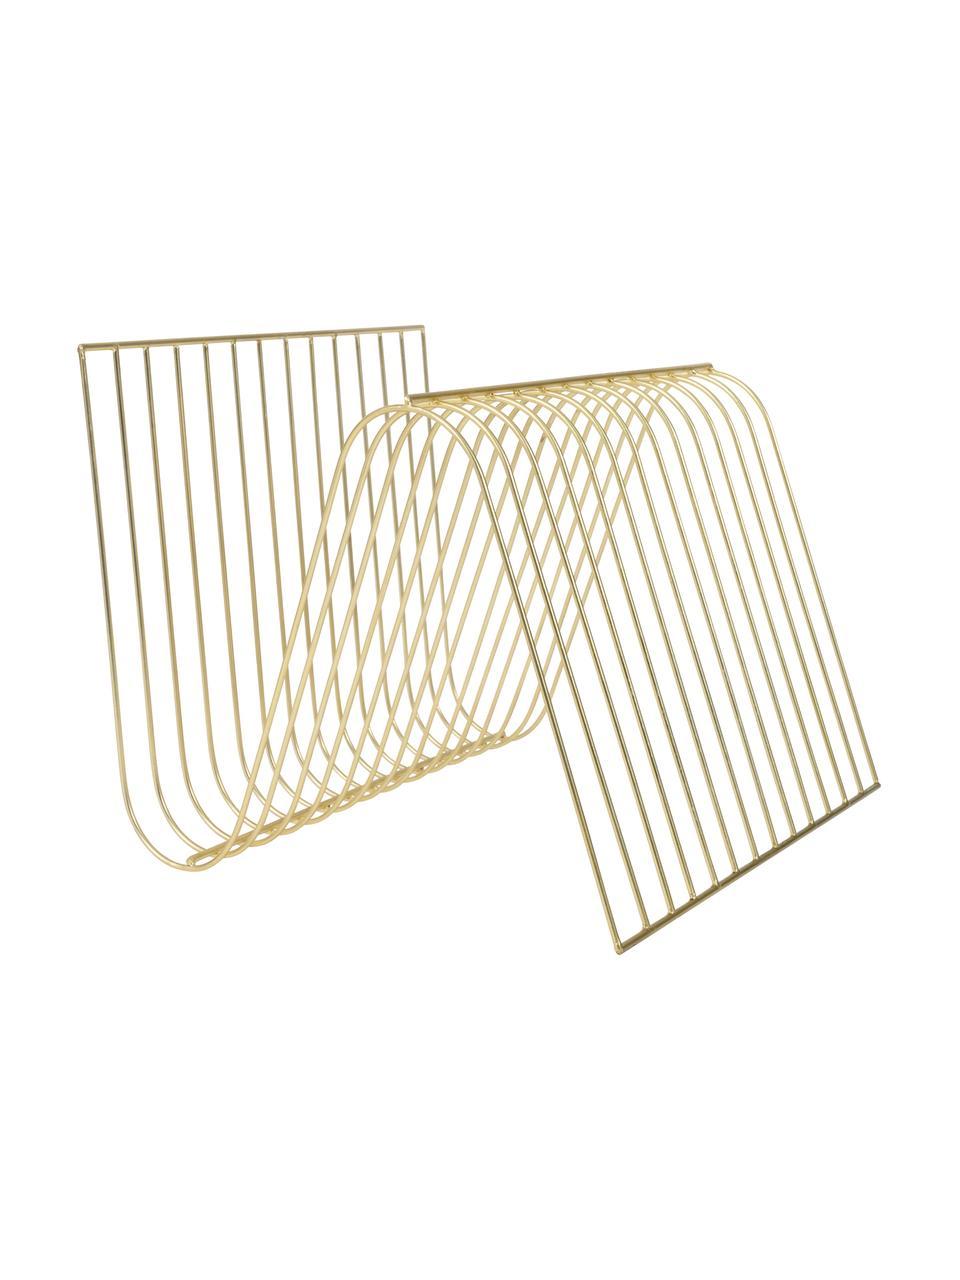 Zeitschriftenhalter Sensual, Metall, beschichtet, Goldfarben, 30 x 26 cm